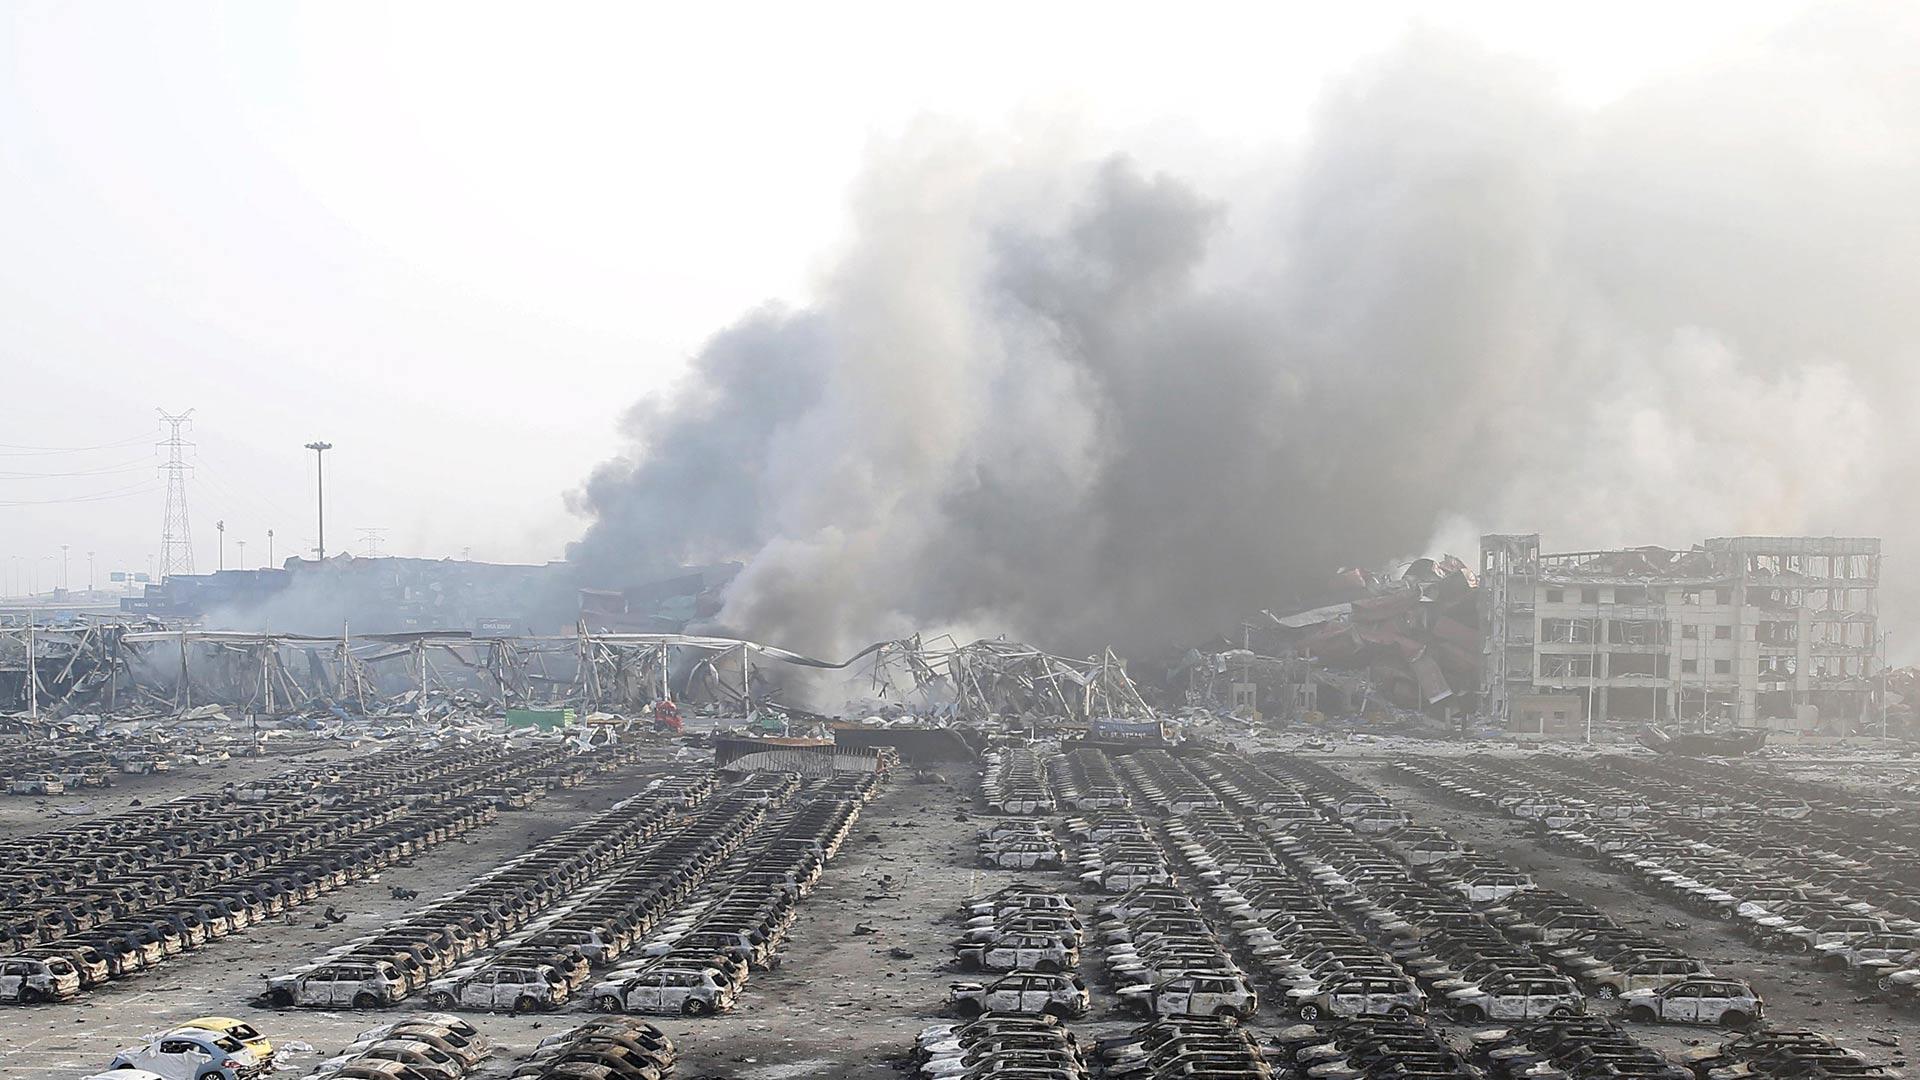 La ciudad de Tiajín sufrió repetidas explosiones que iniciaron con el estallido de un almacén químico